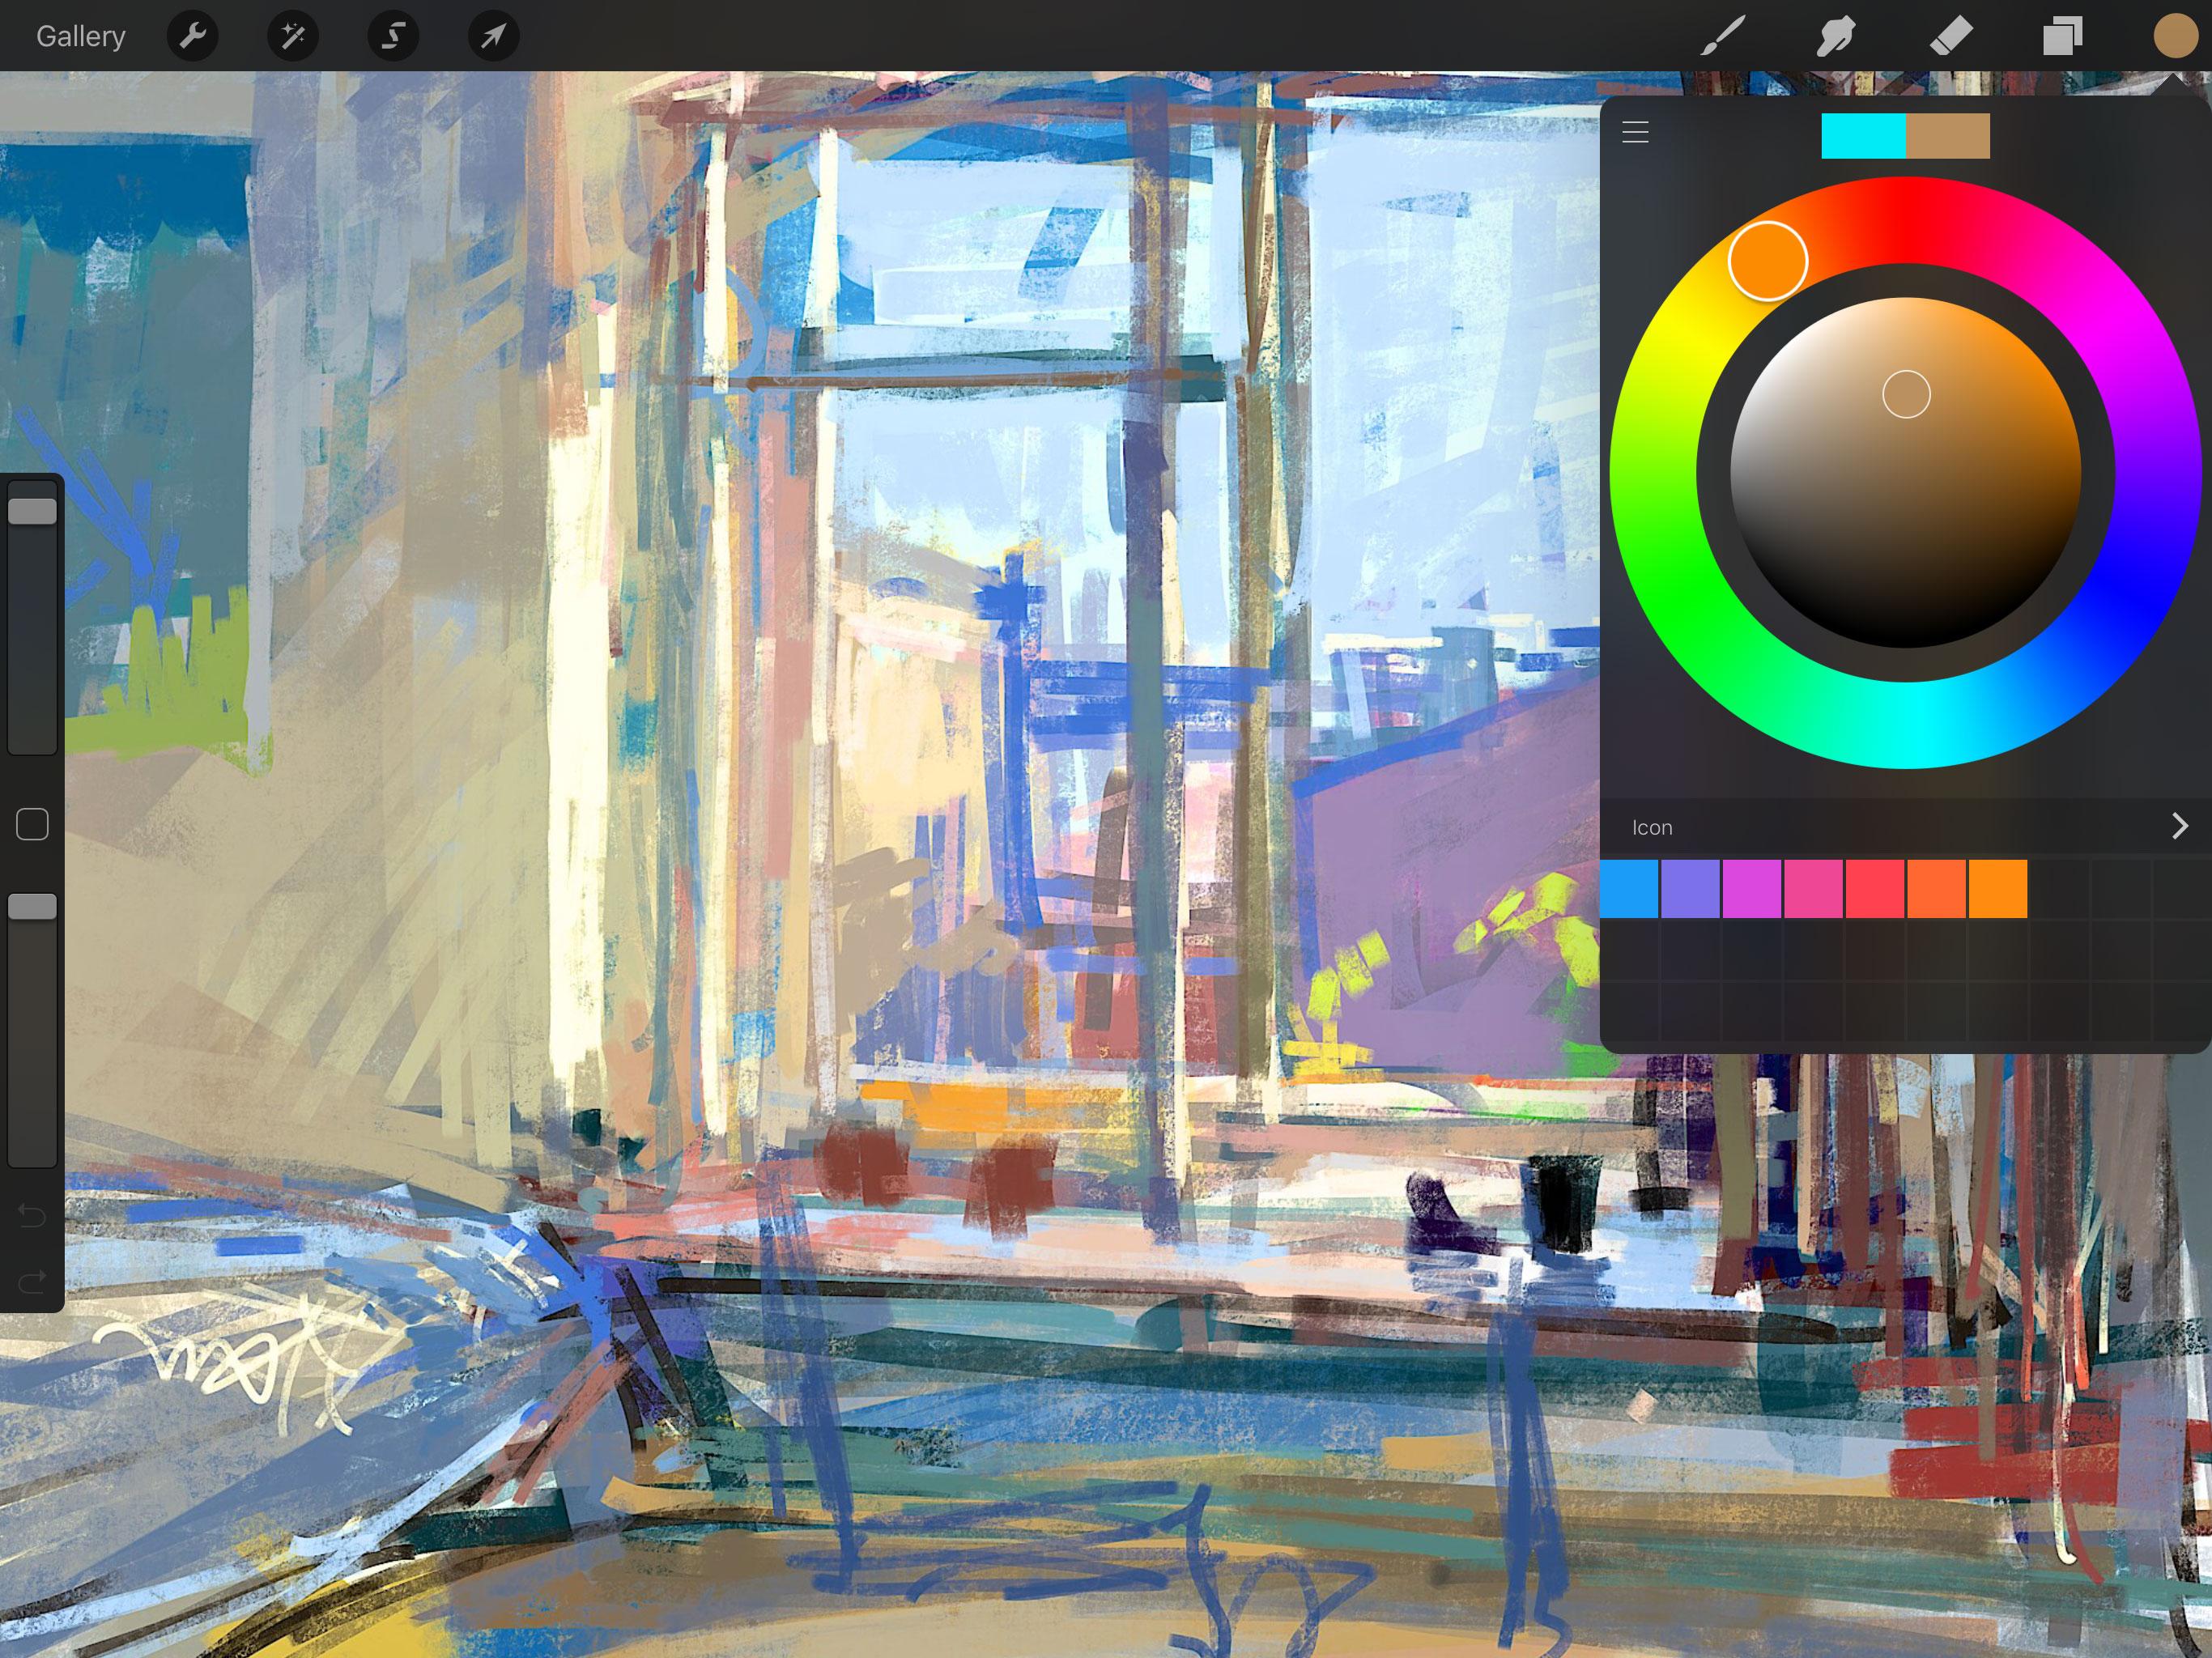 Creatief leren tekenen en schilderen op de ipad met procreate Digital art painting software